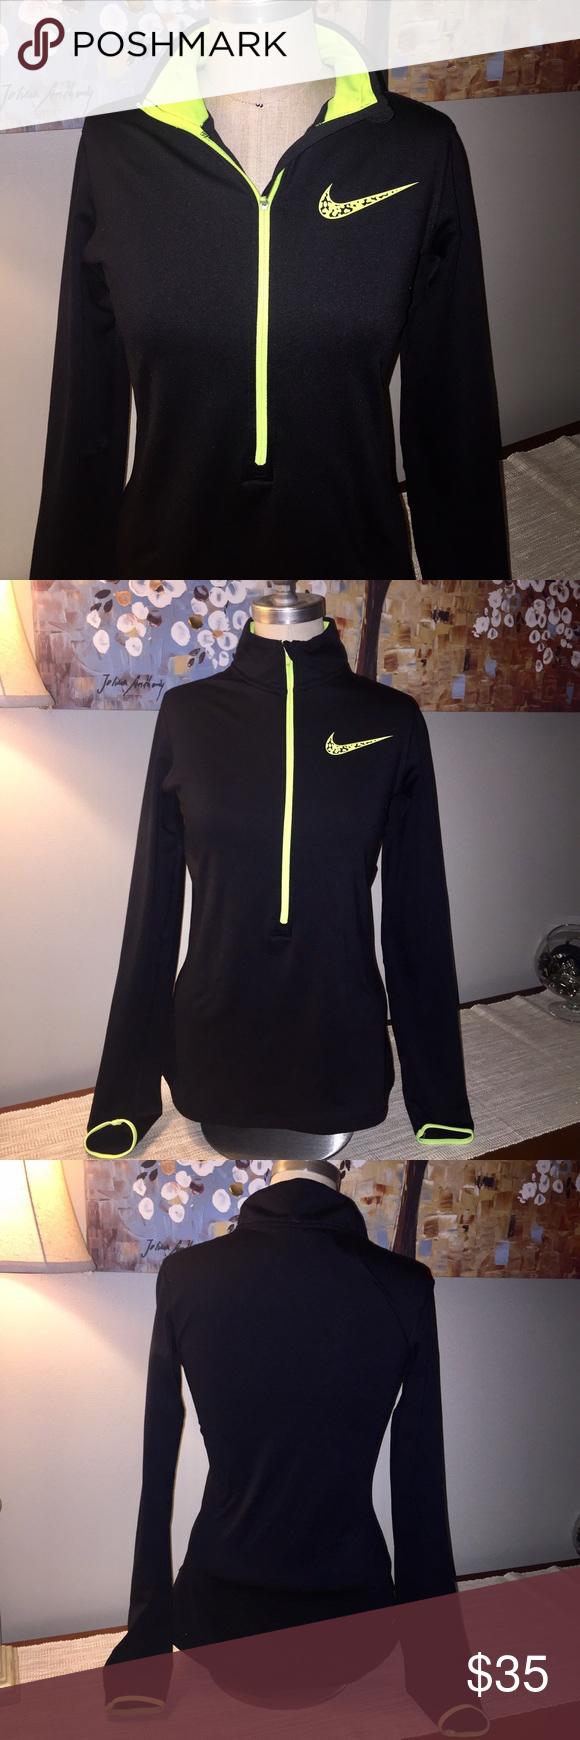 Nike half zip pullover NWOT excellent condition Nike Tops Sweatshirts & Hoodies